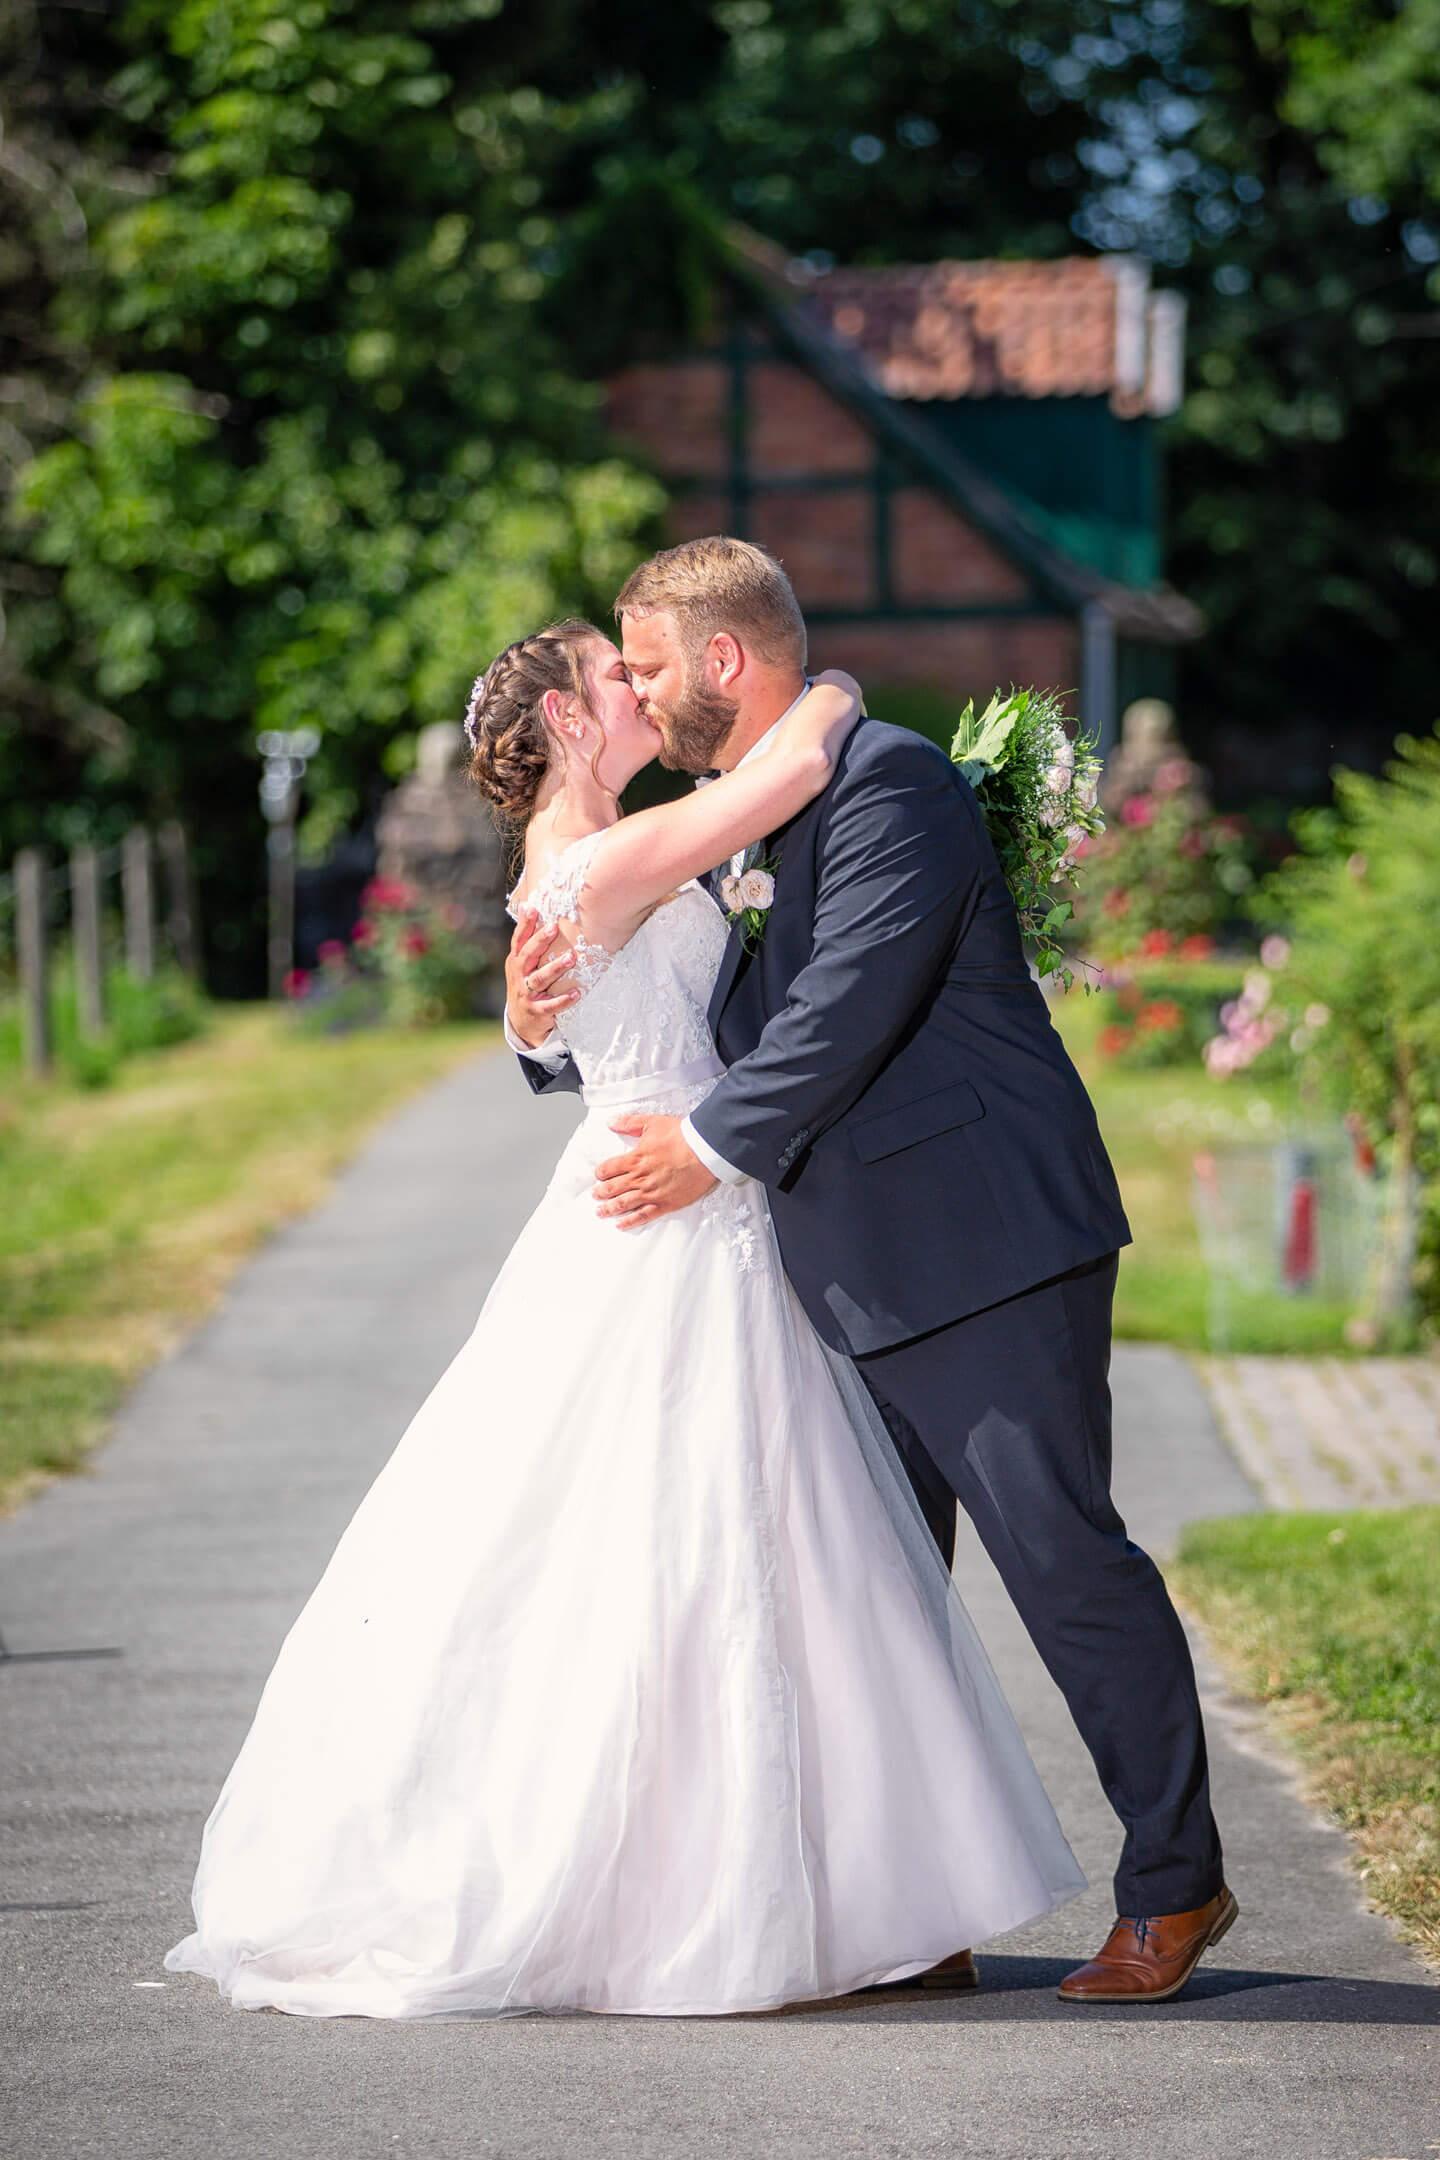 Fotoshooting bei der Hochzeit von Katharina und Hagen (Fotograf: Florian Läufer aus Hamburg)